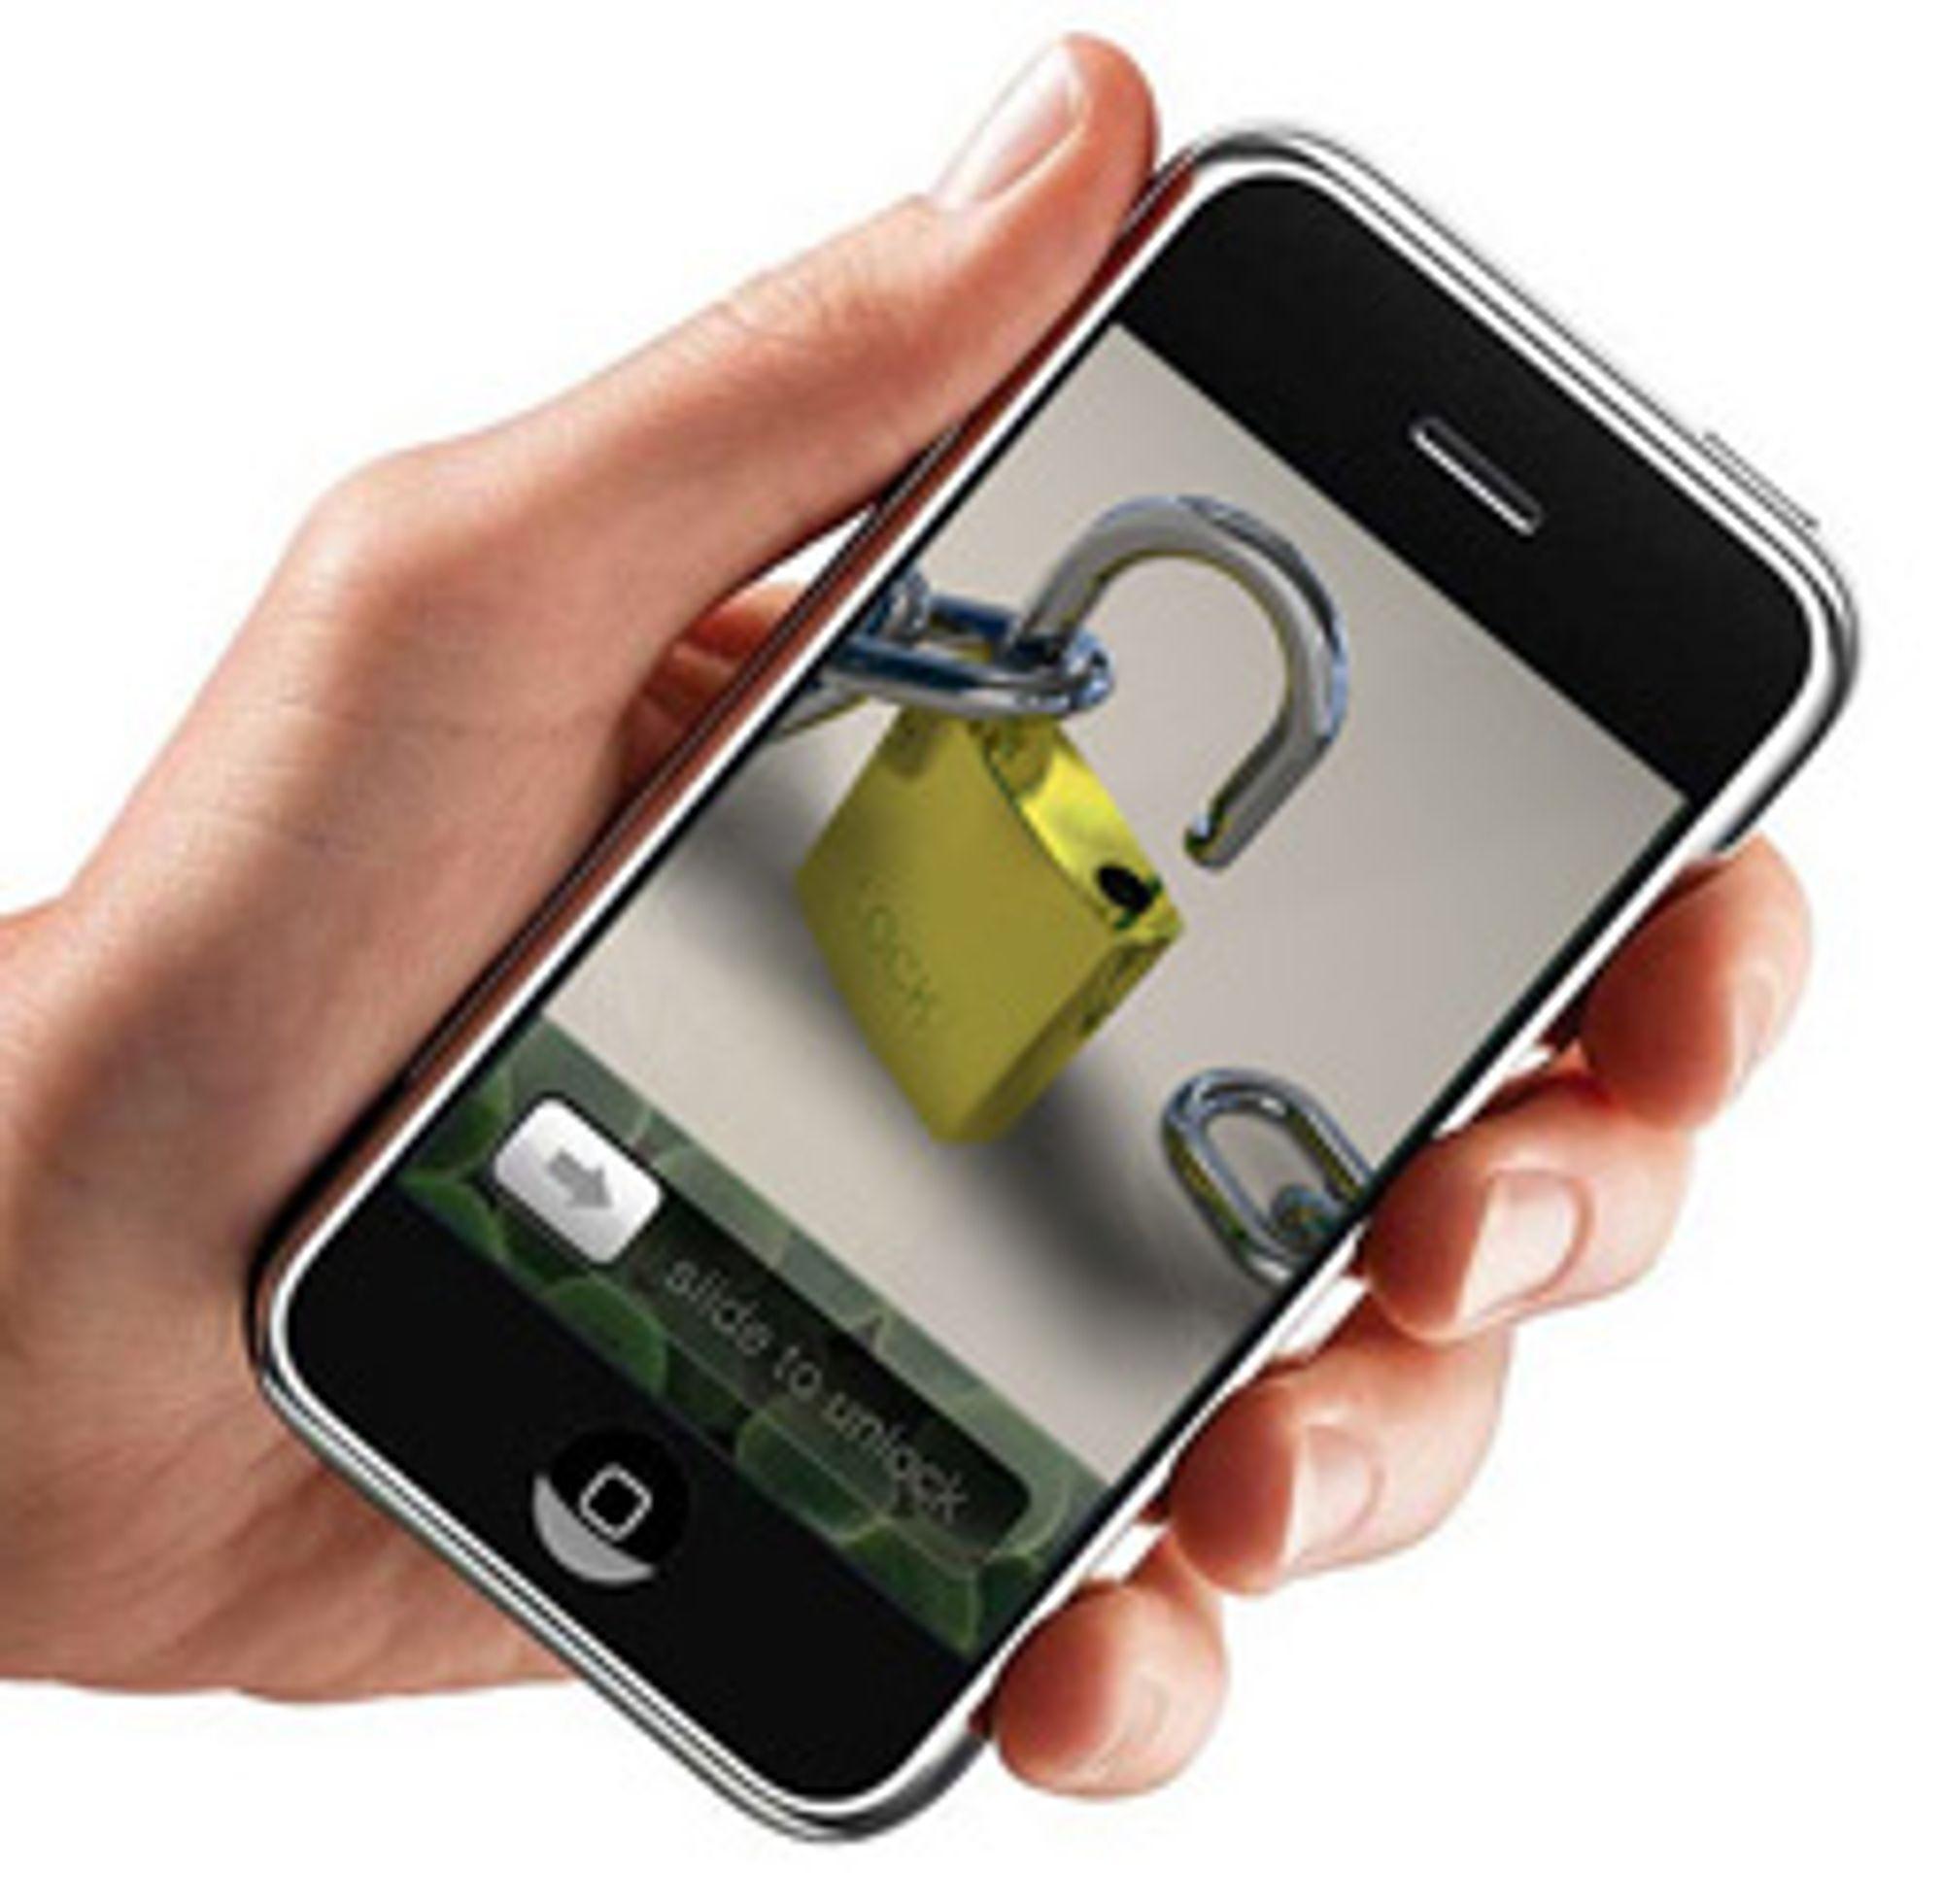 Mange har låst opp Iphone. (Foto: Apple/Mark Evans/Istockphoto)